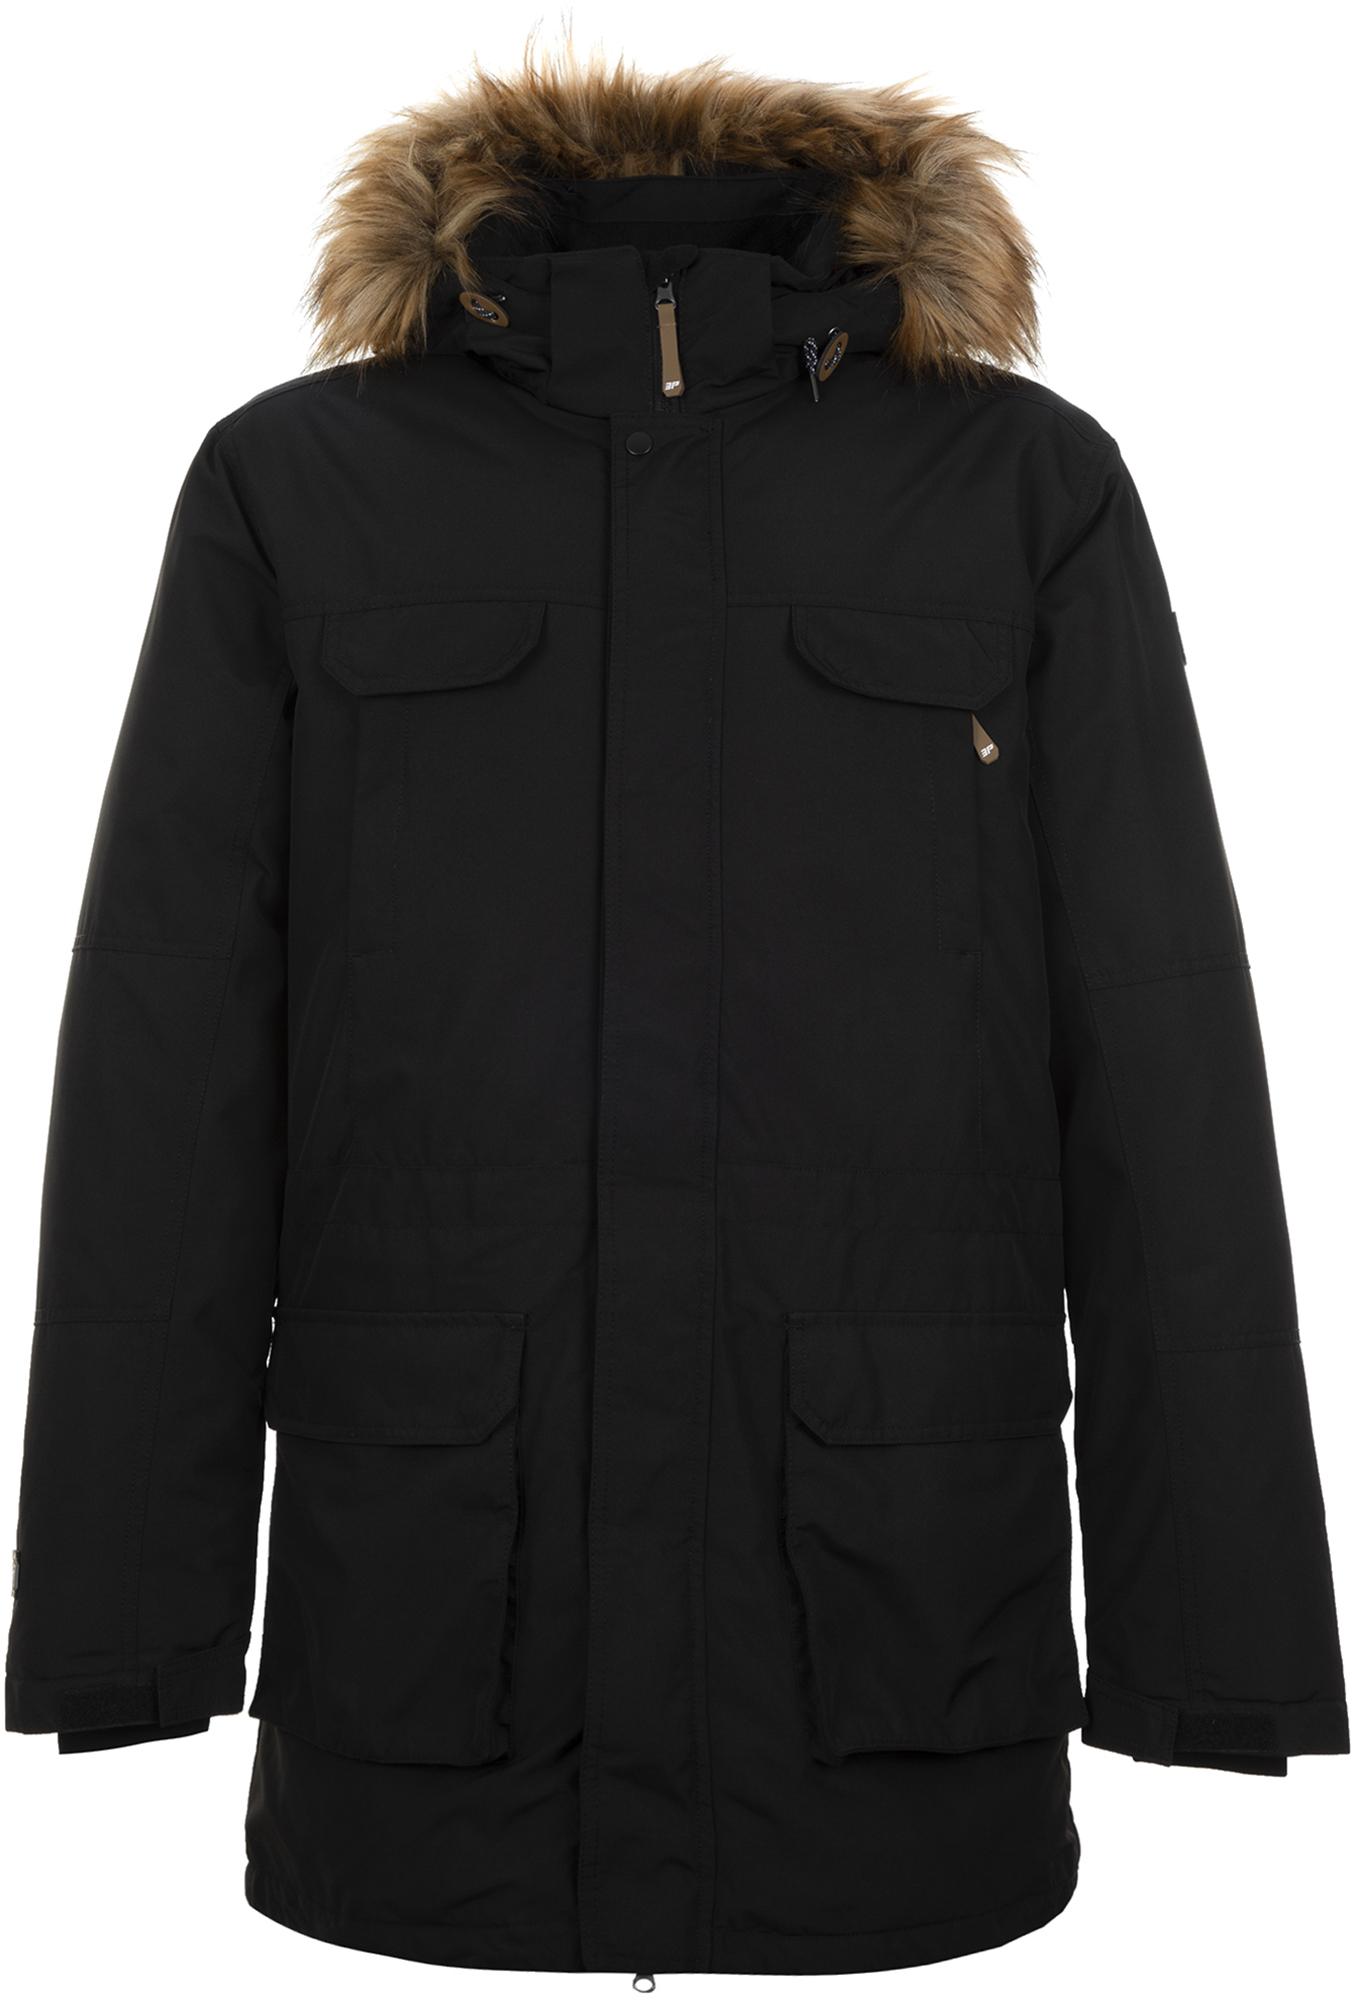 IcePeak Куртка пуховая мужская IcePeak Veston, размер 56 icepeak рюкзак icepeak размер без размера